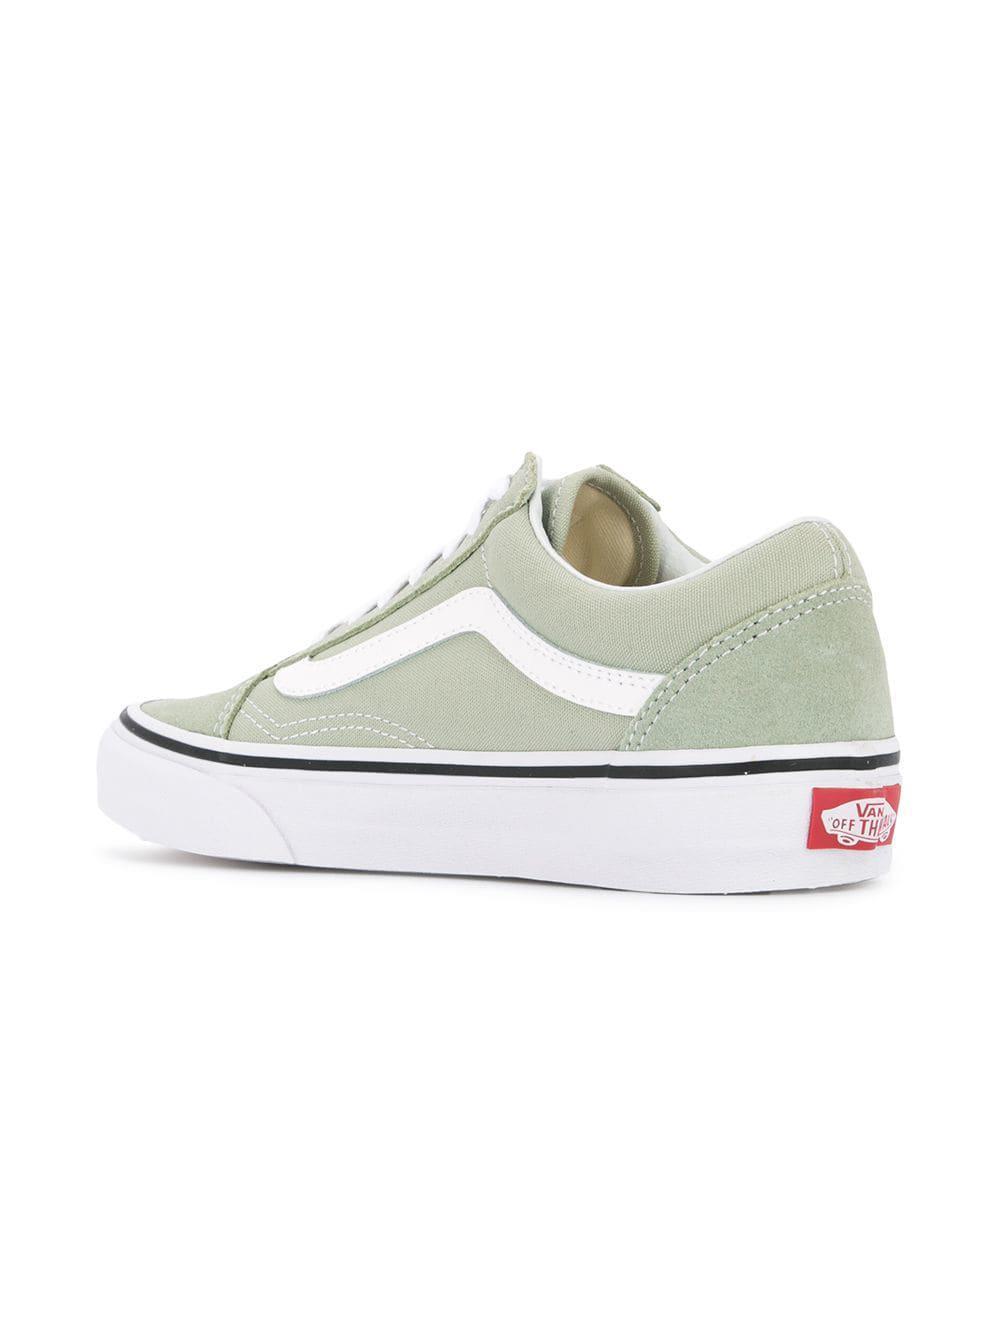 9cc2e21af98c7b Lyst - Vans Old Skool Sneakers in Gray